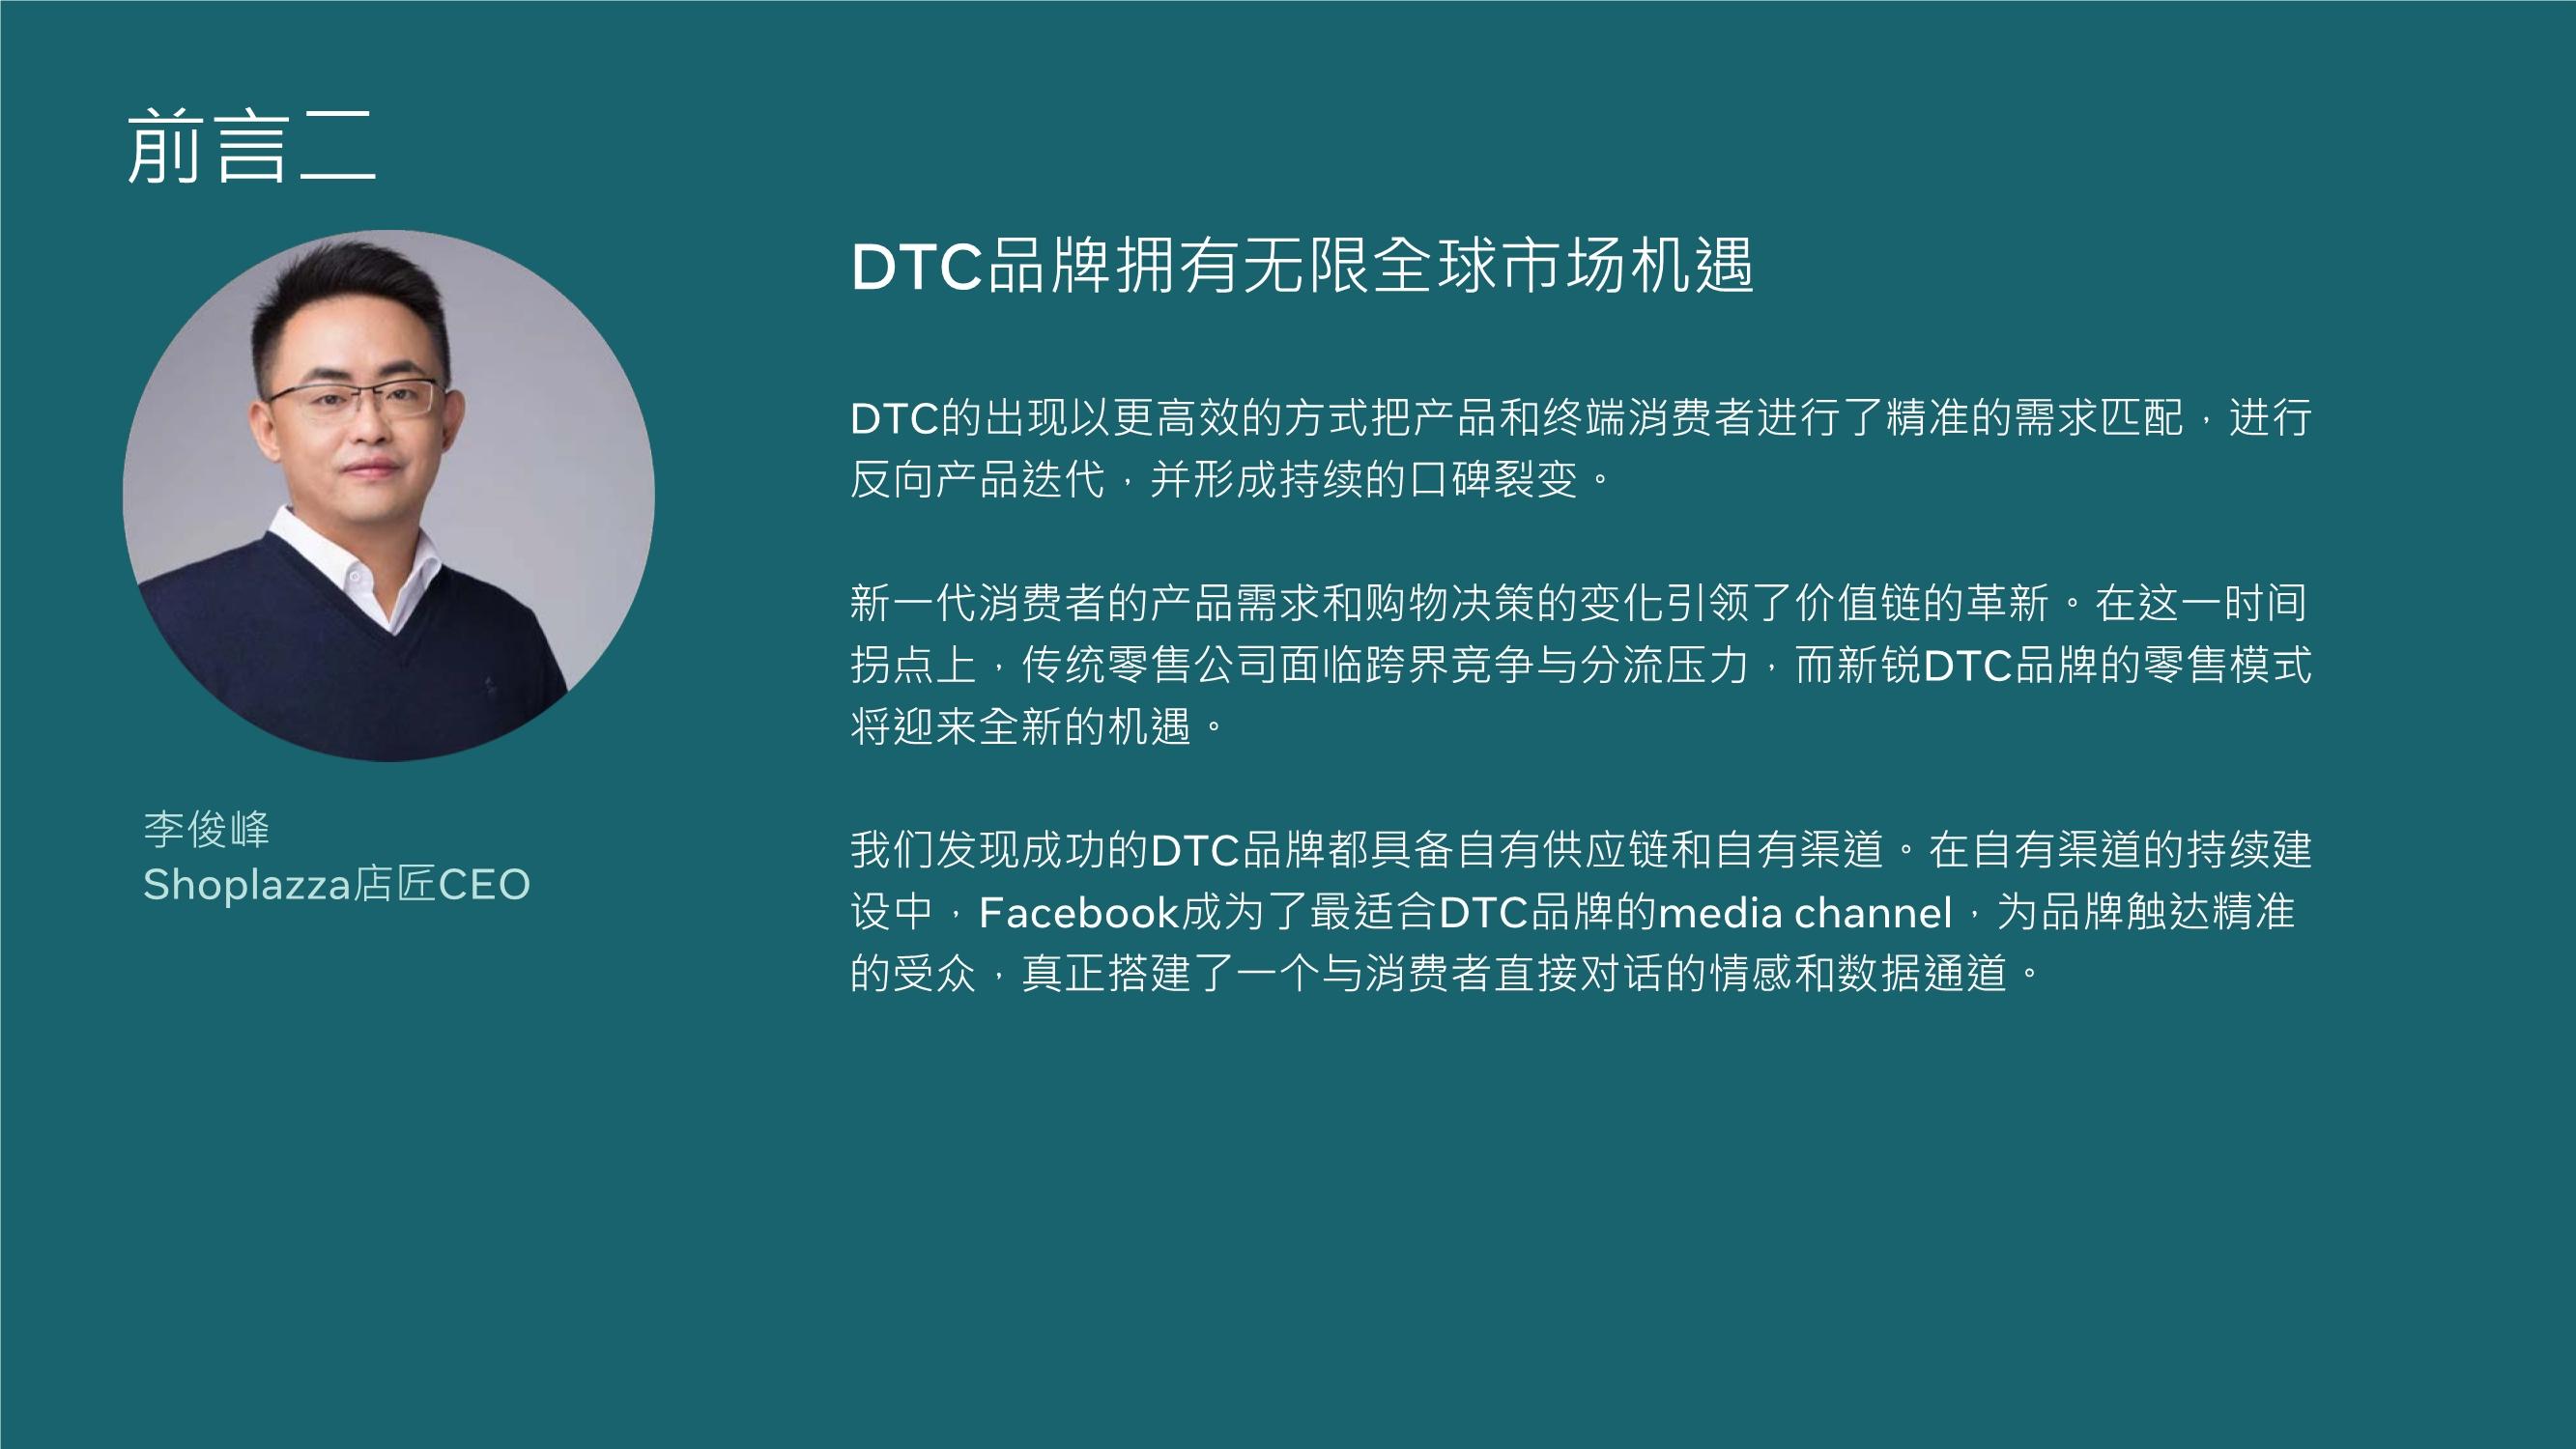 跨境电商专题报告:利用DTC制胜品牌出海,玩转全球跨境宅经济